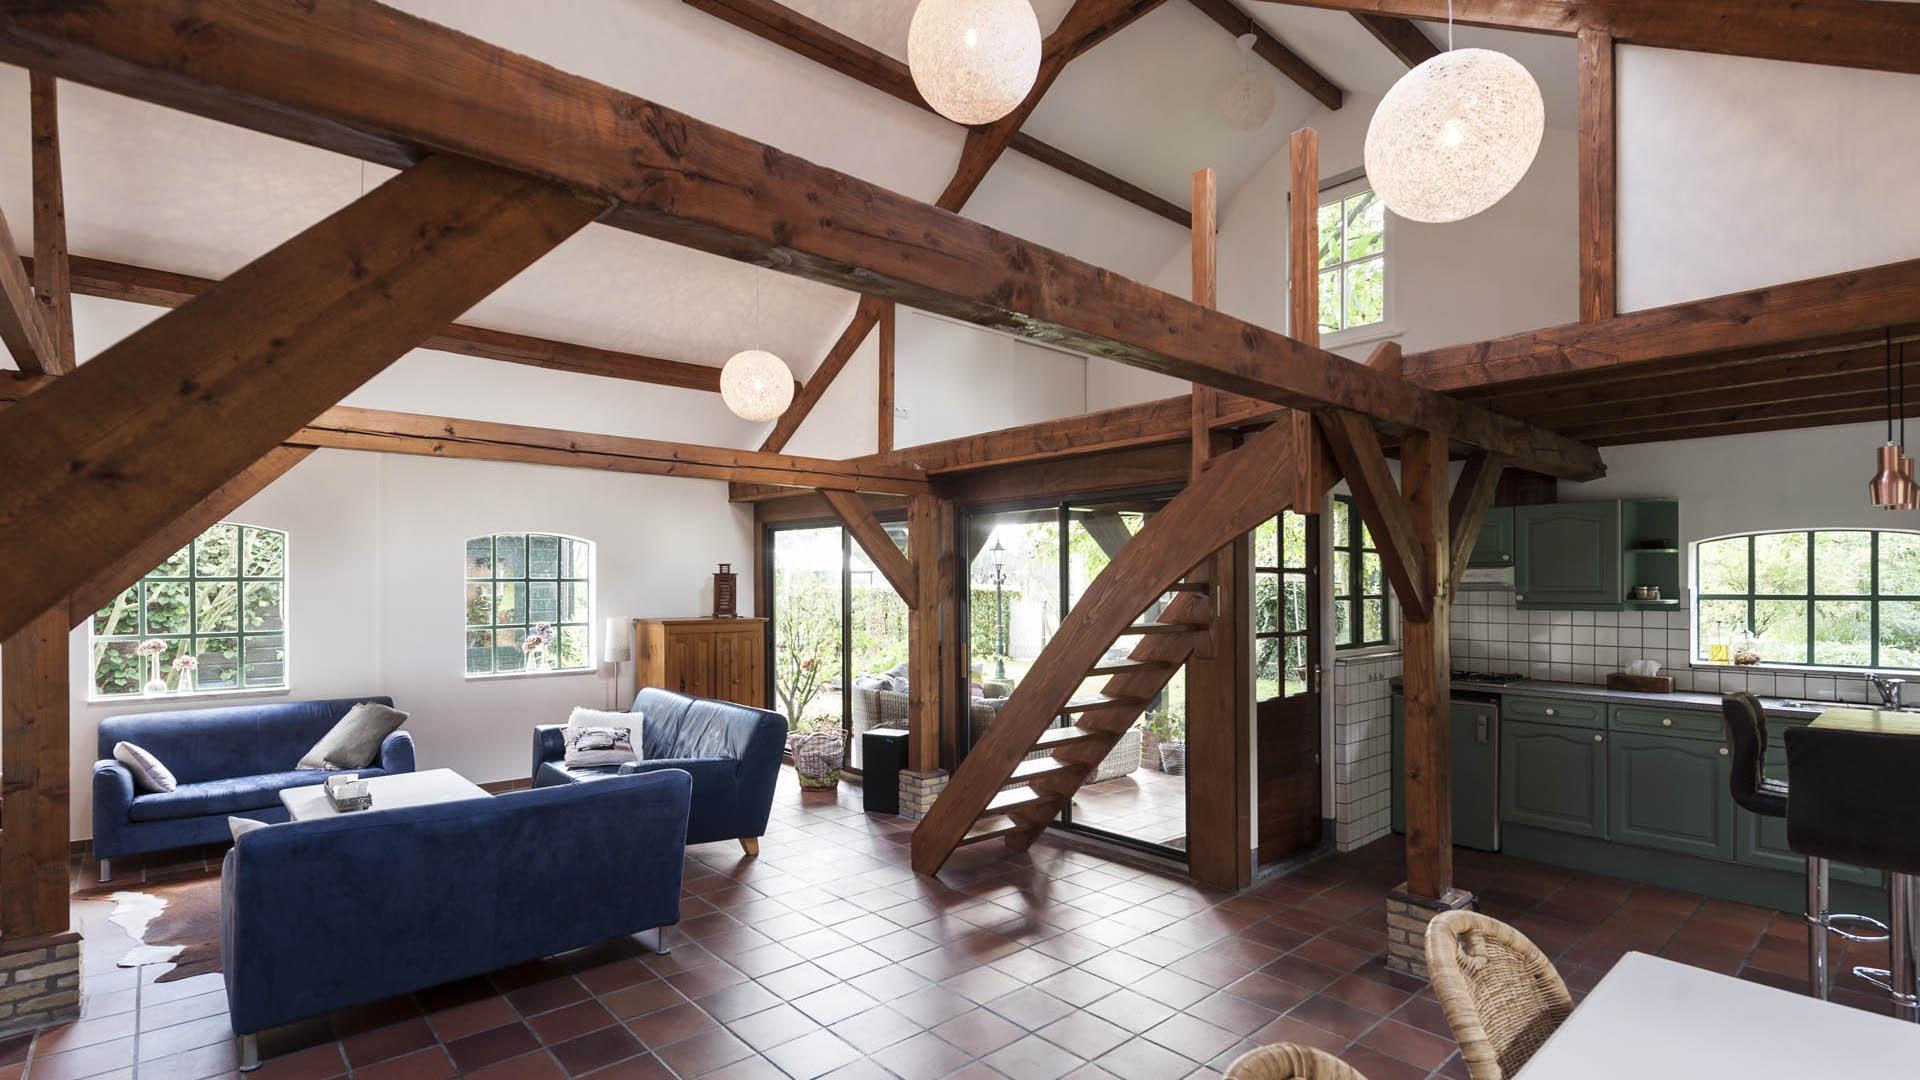 architectuur-delft-boerderij-renovatie-interieur-17 | Studio D11